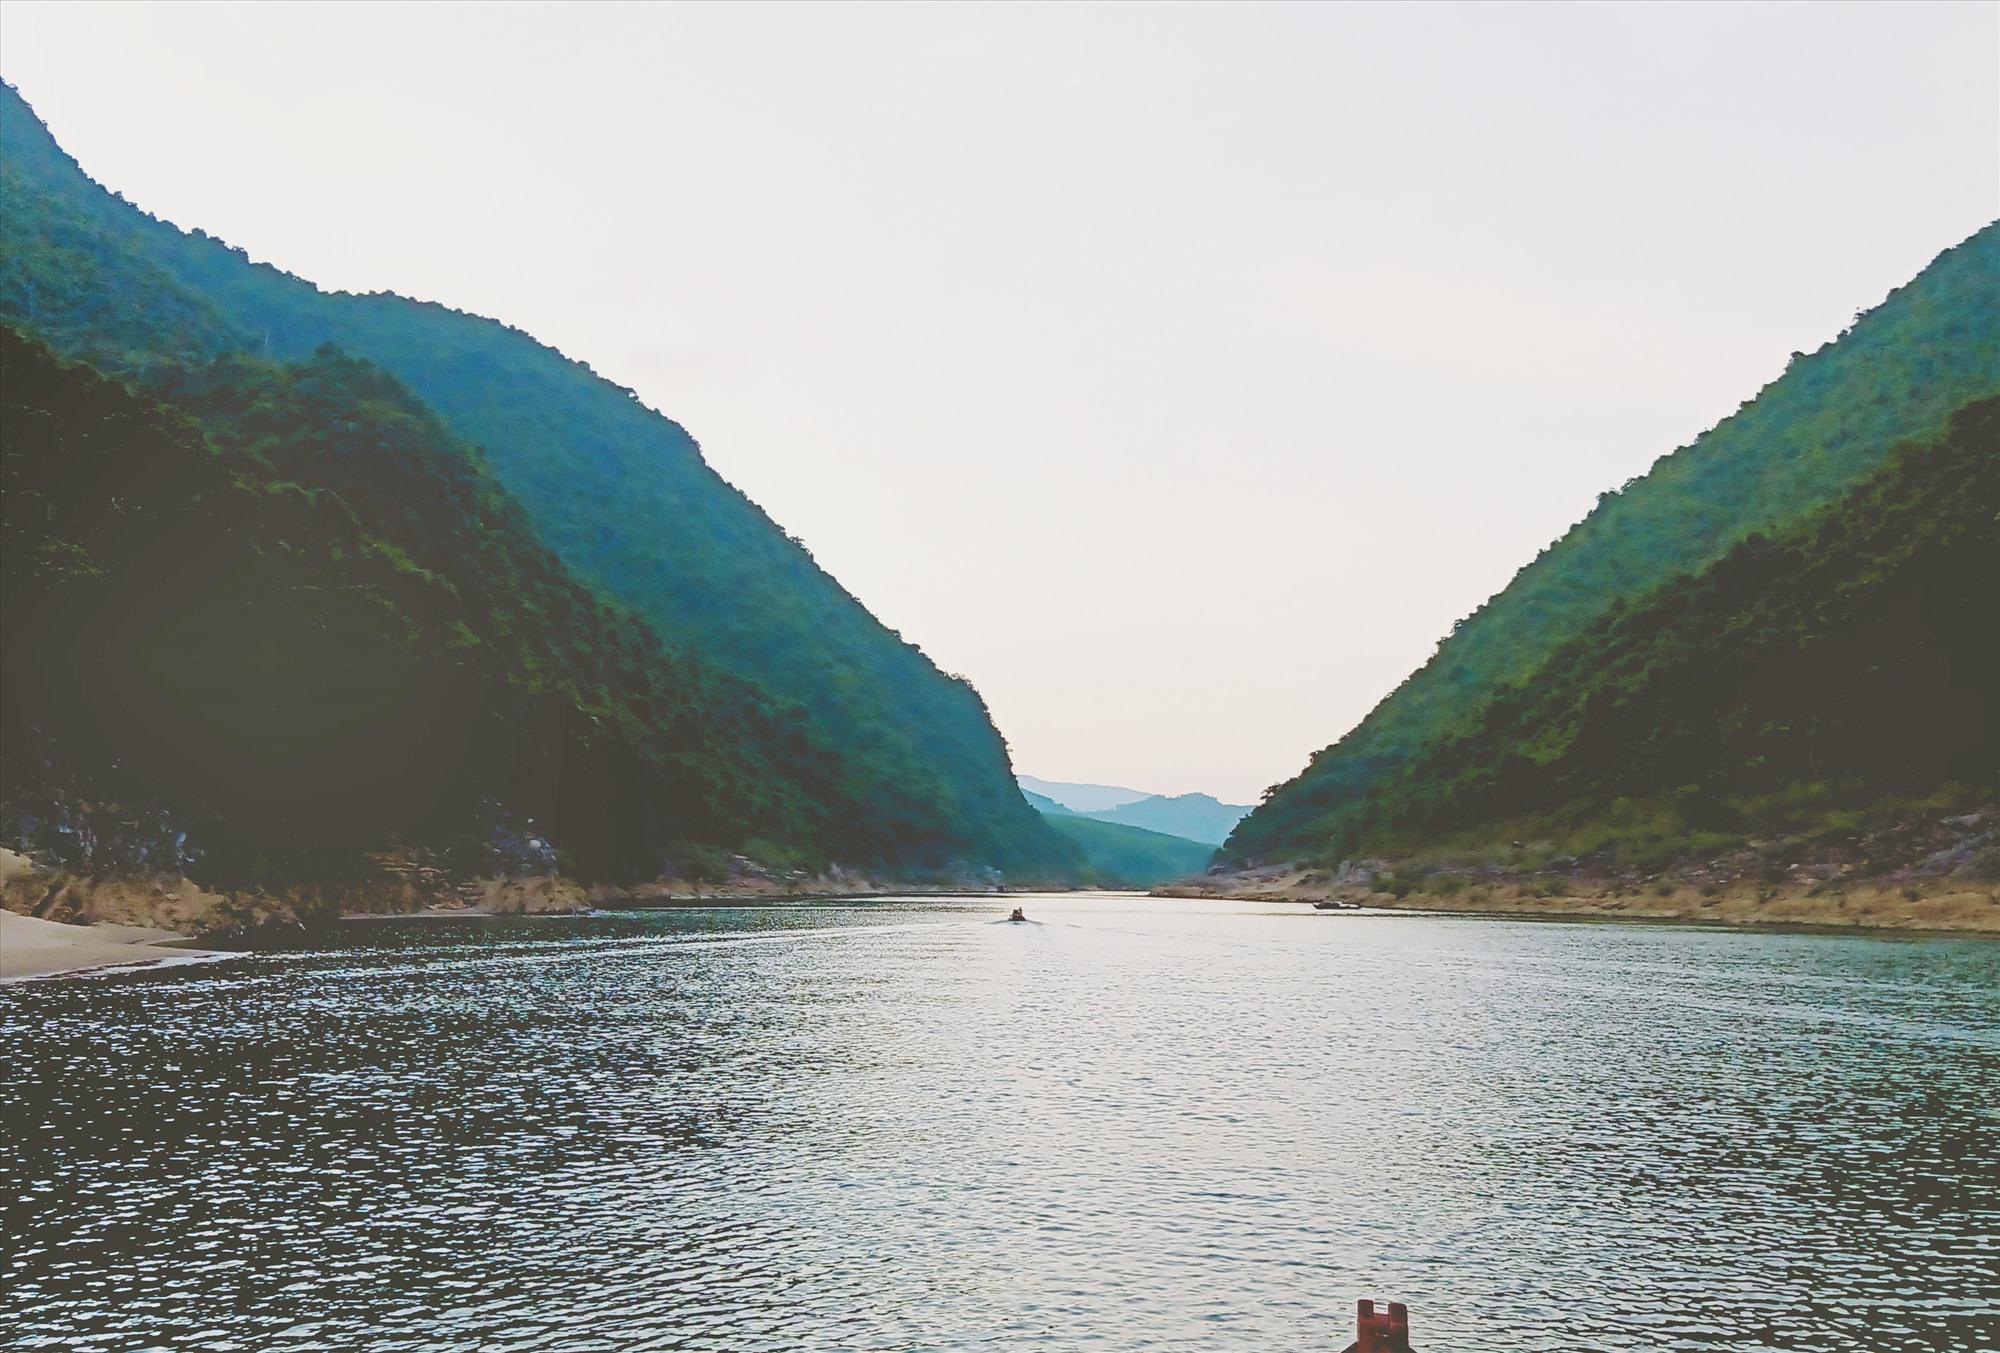 Hòn Kẽm Đá Dừng - nơi núi liền sông. Ảnh: HOÀNG LIÊN